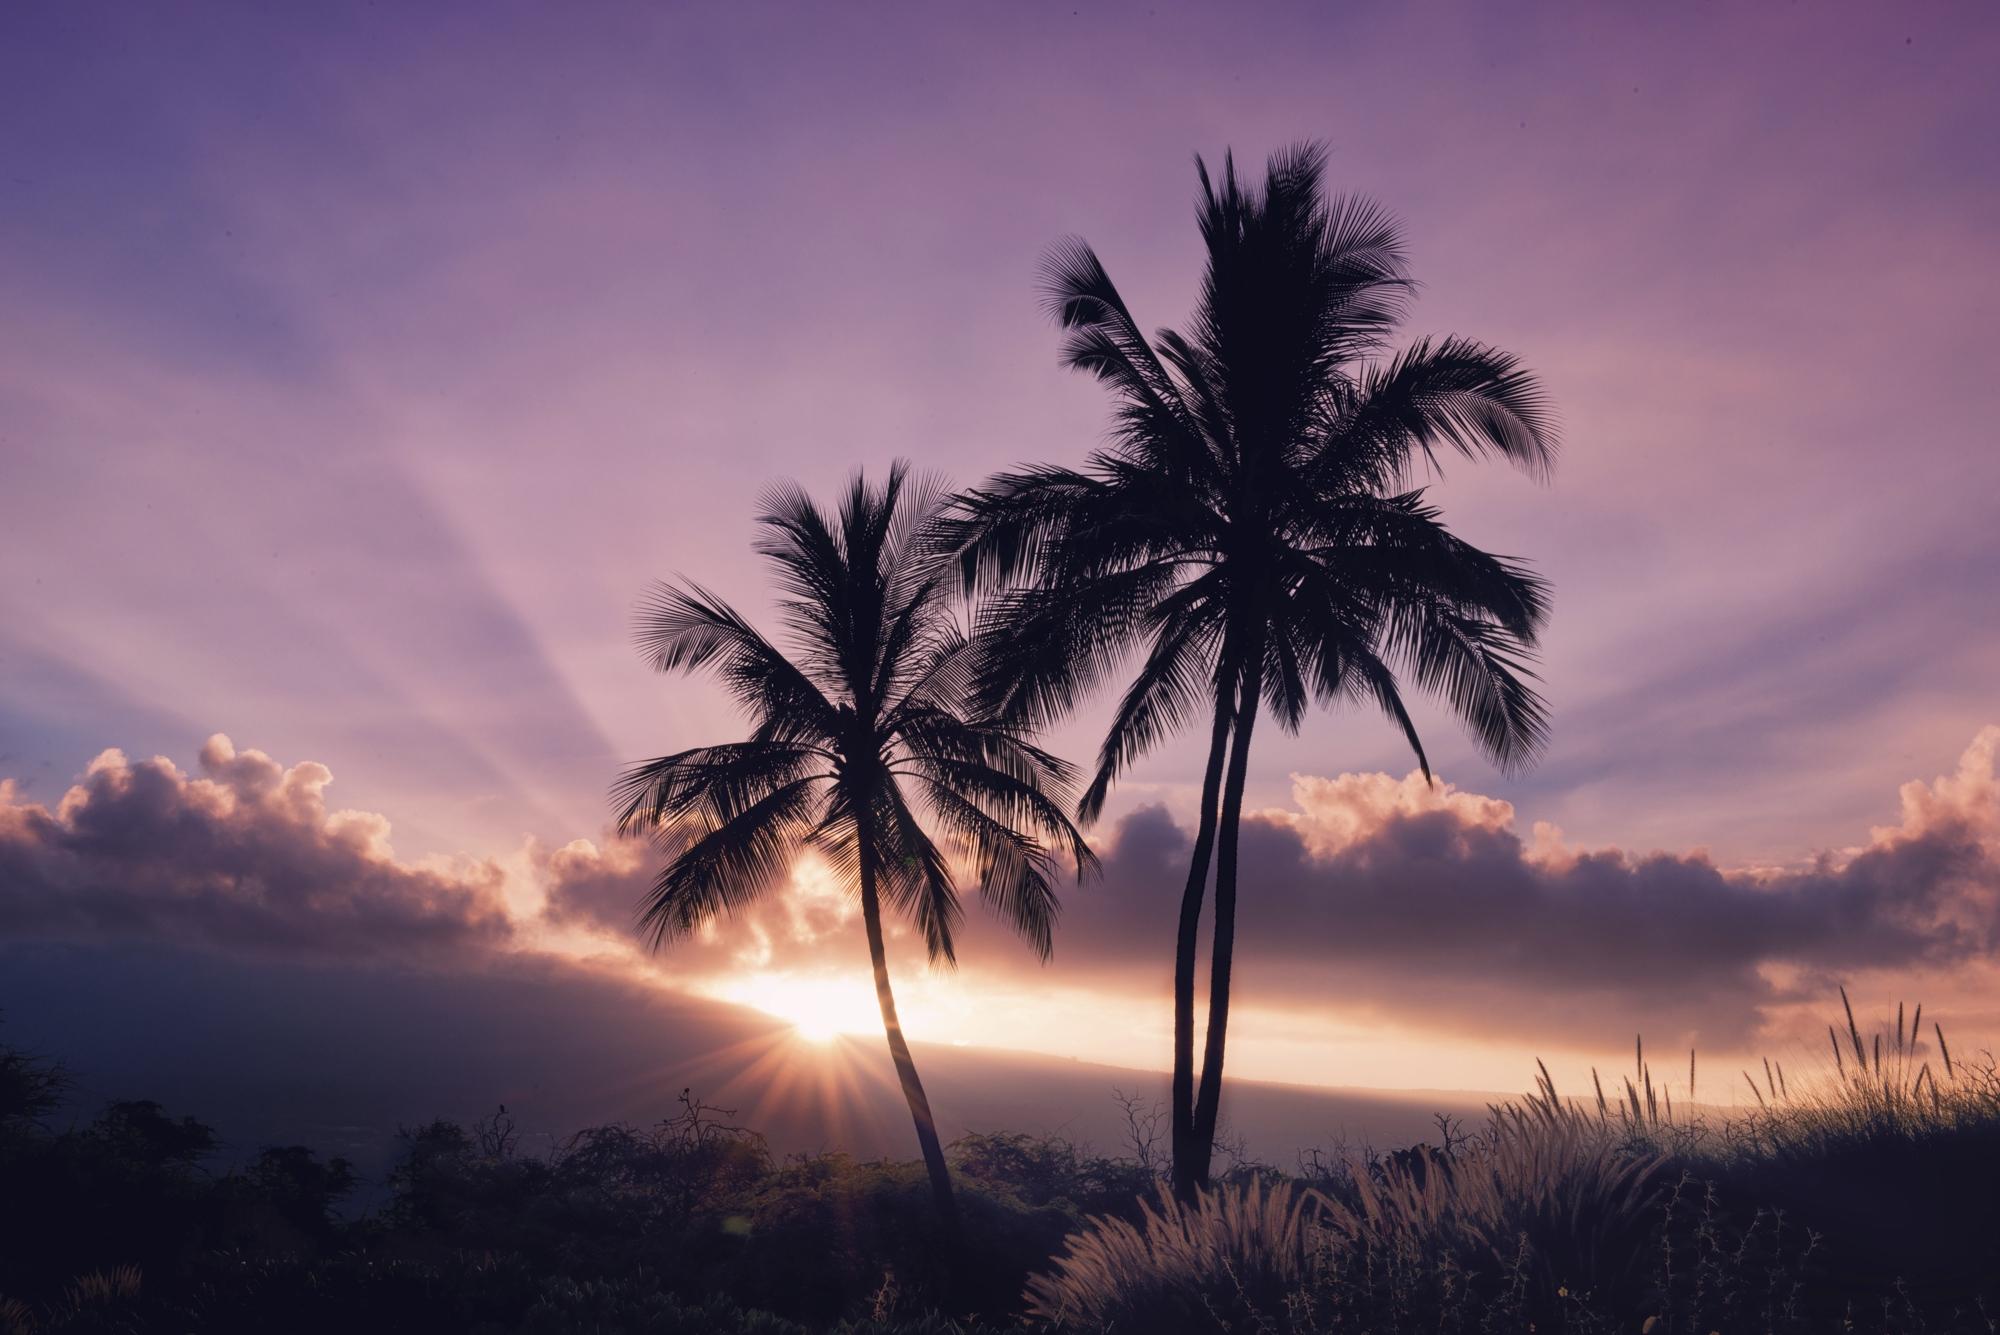 ハワイとヨーロッパへ家族4人、お得にビジネスクラスを予約するセミナーのご案内